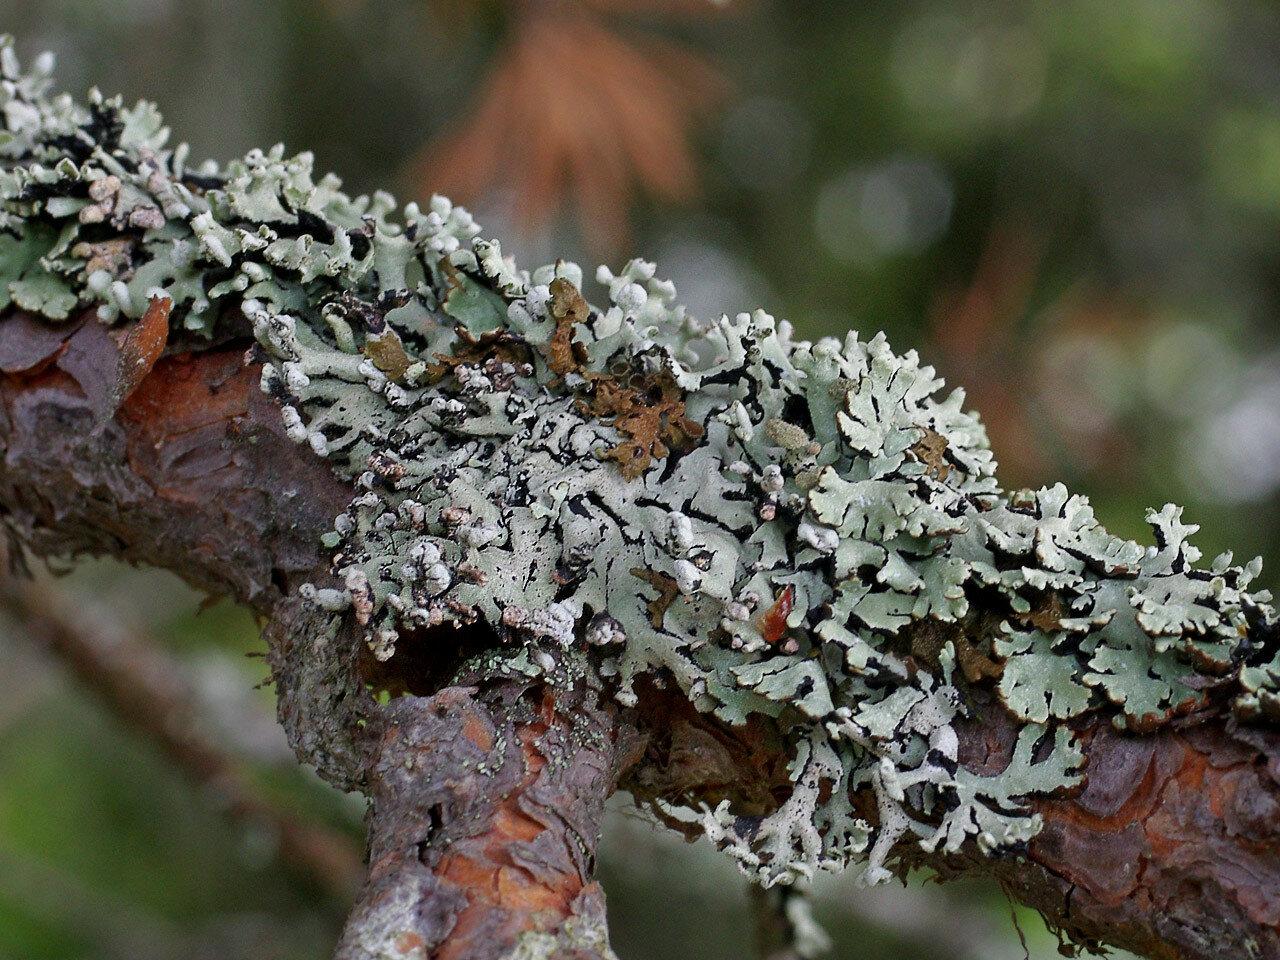 Гипогимния (Hypogymnia sp.). Автор фото: Юрий Семенов